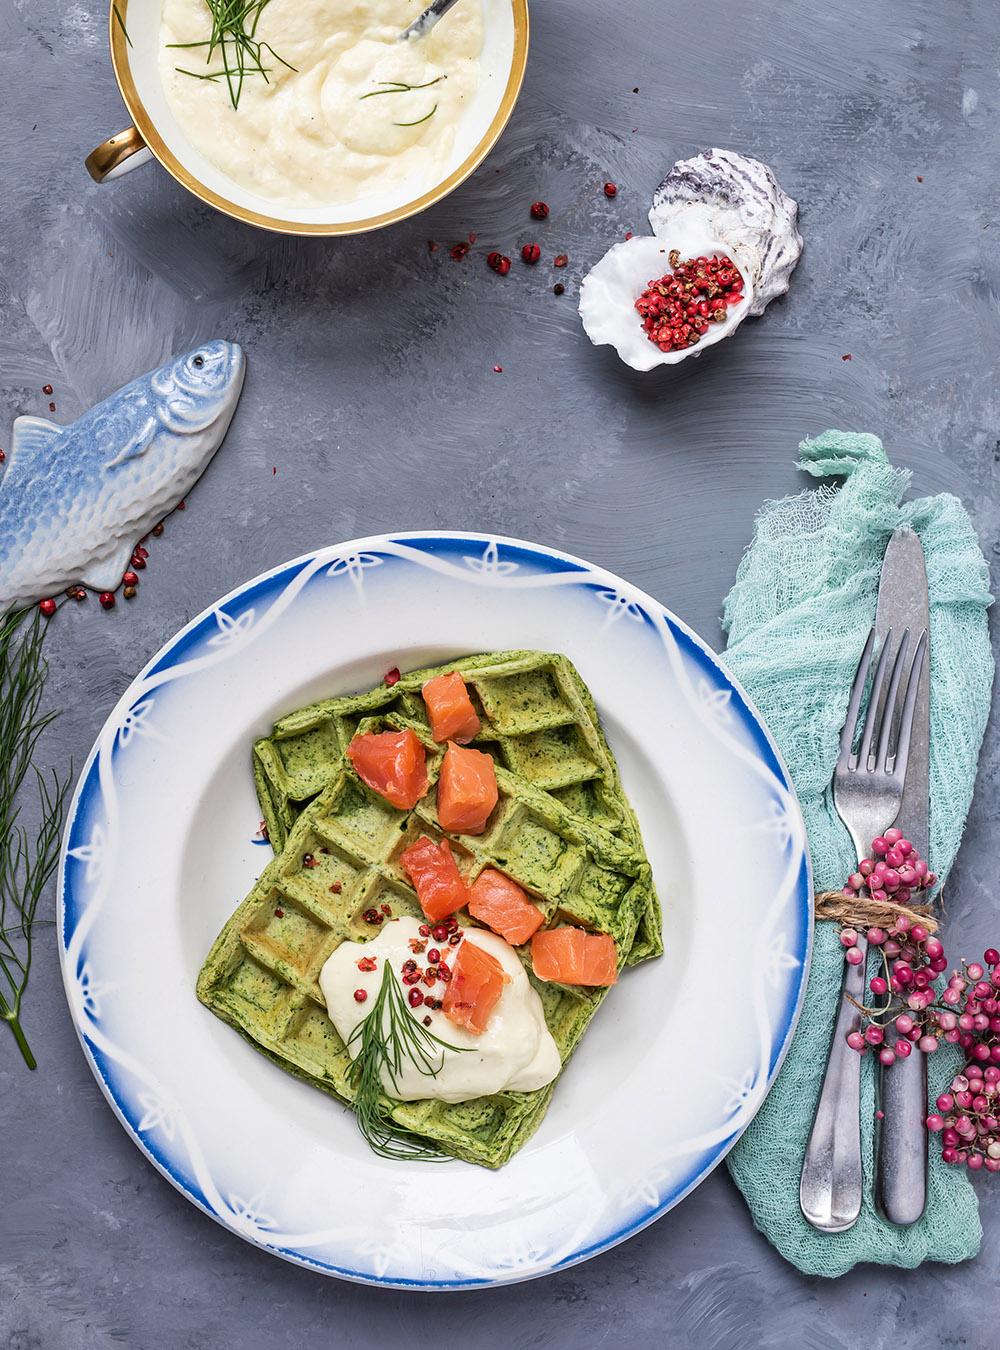 Kartoffel Kräuter Waffeln mit sanft geräucherten Alaska Wildlachs Würfeln und Meerrettichdip, leichte Vorspeise, Frühstück, Brunch, Feste, Feiern oder einfach zwischendurch #waffeln #kartoffelwaffeln #rezept #räucherlachs #vorspeise #frühstück #brunch